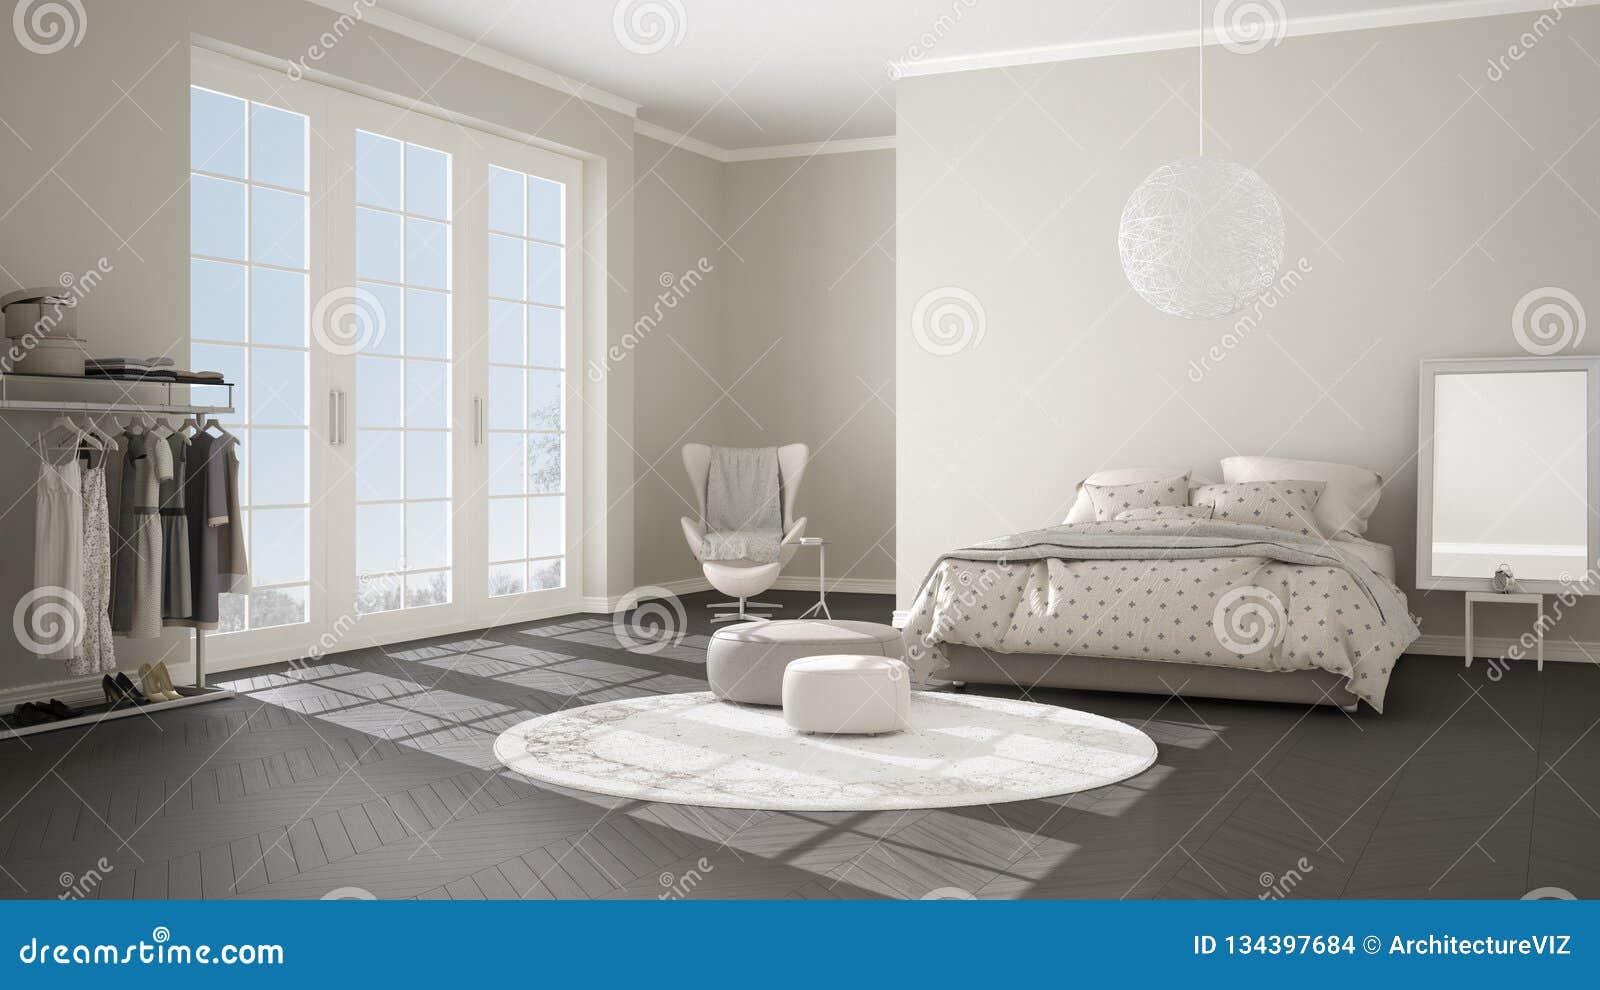 Chambre à coucher grise et beige moderne confortable avec le plancher de parquet en bois, la fenêtre panoramique sur le paysage d